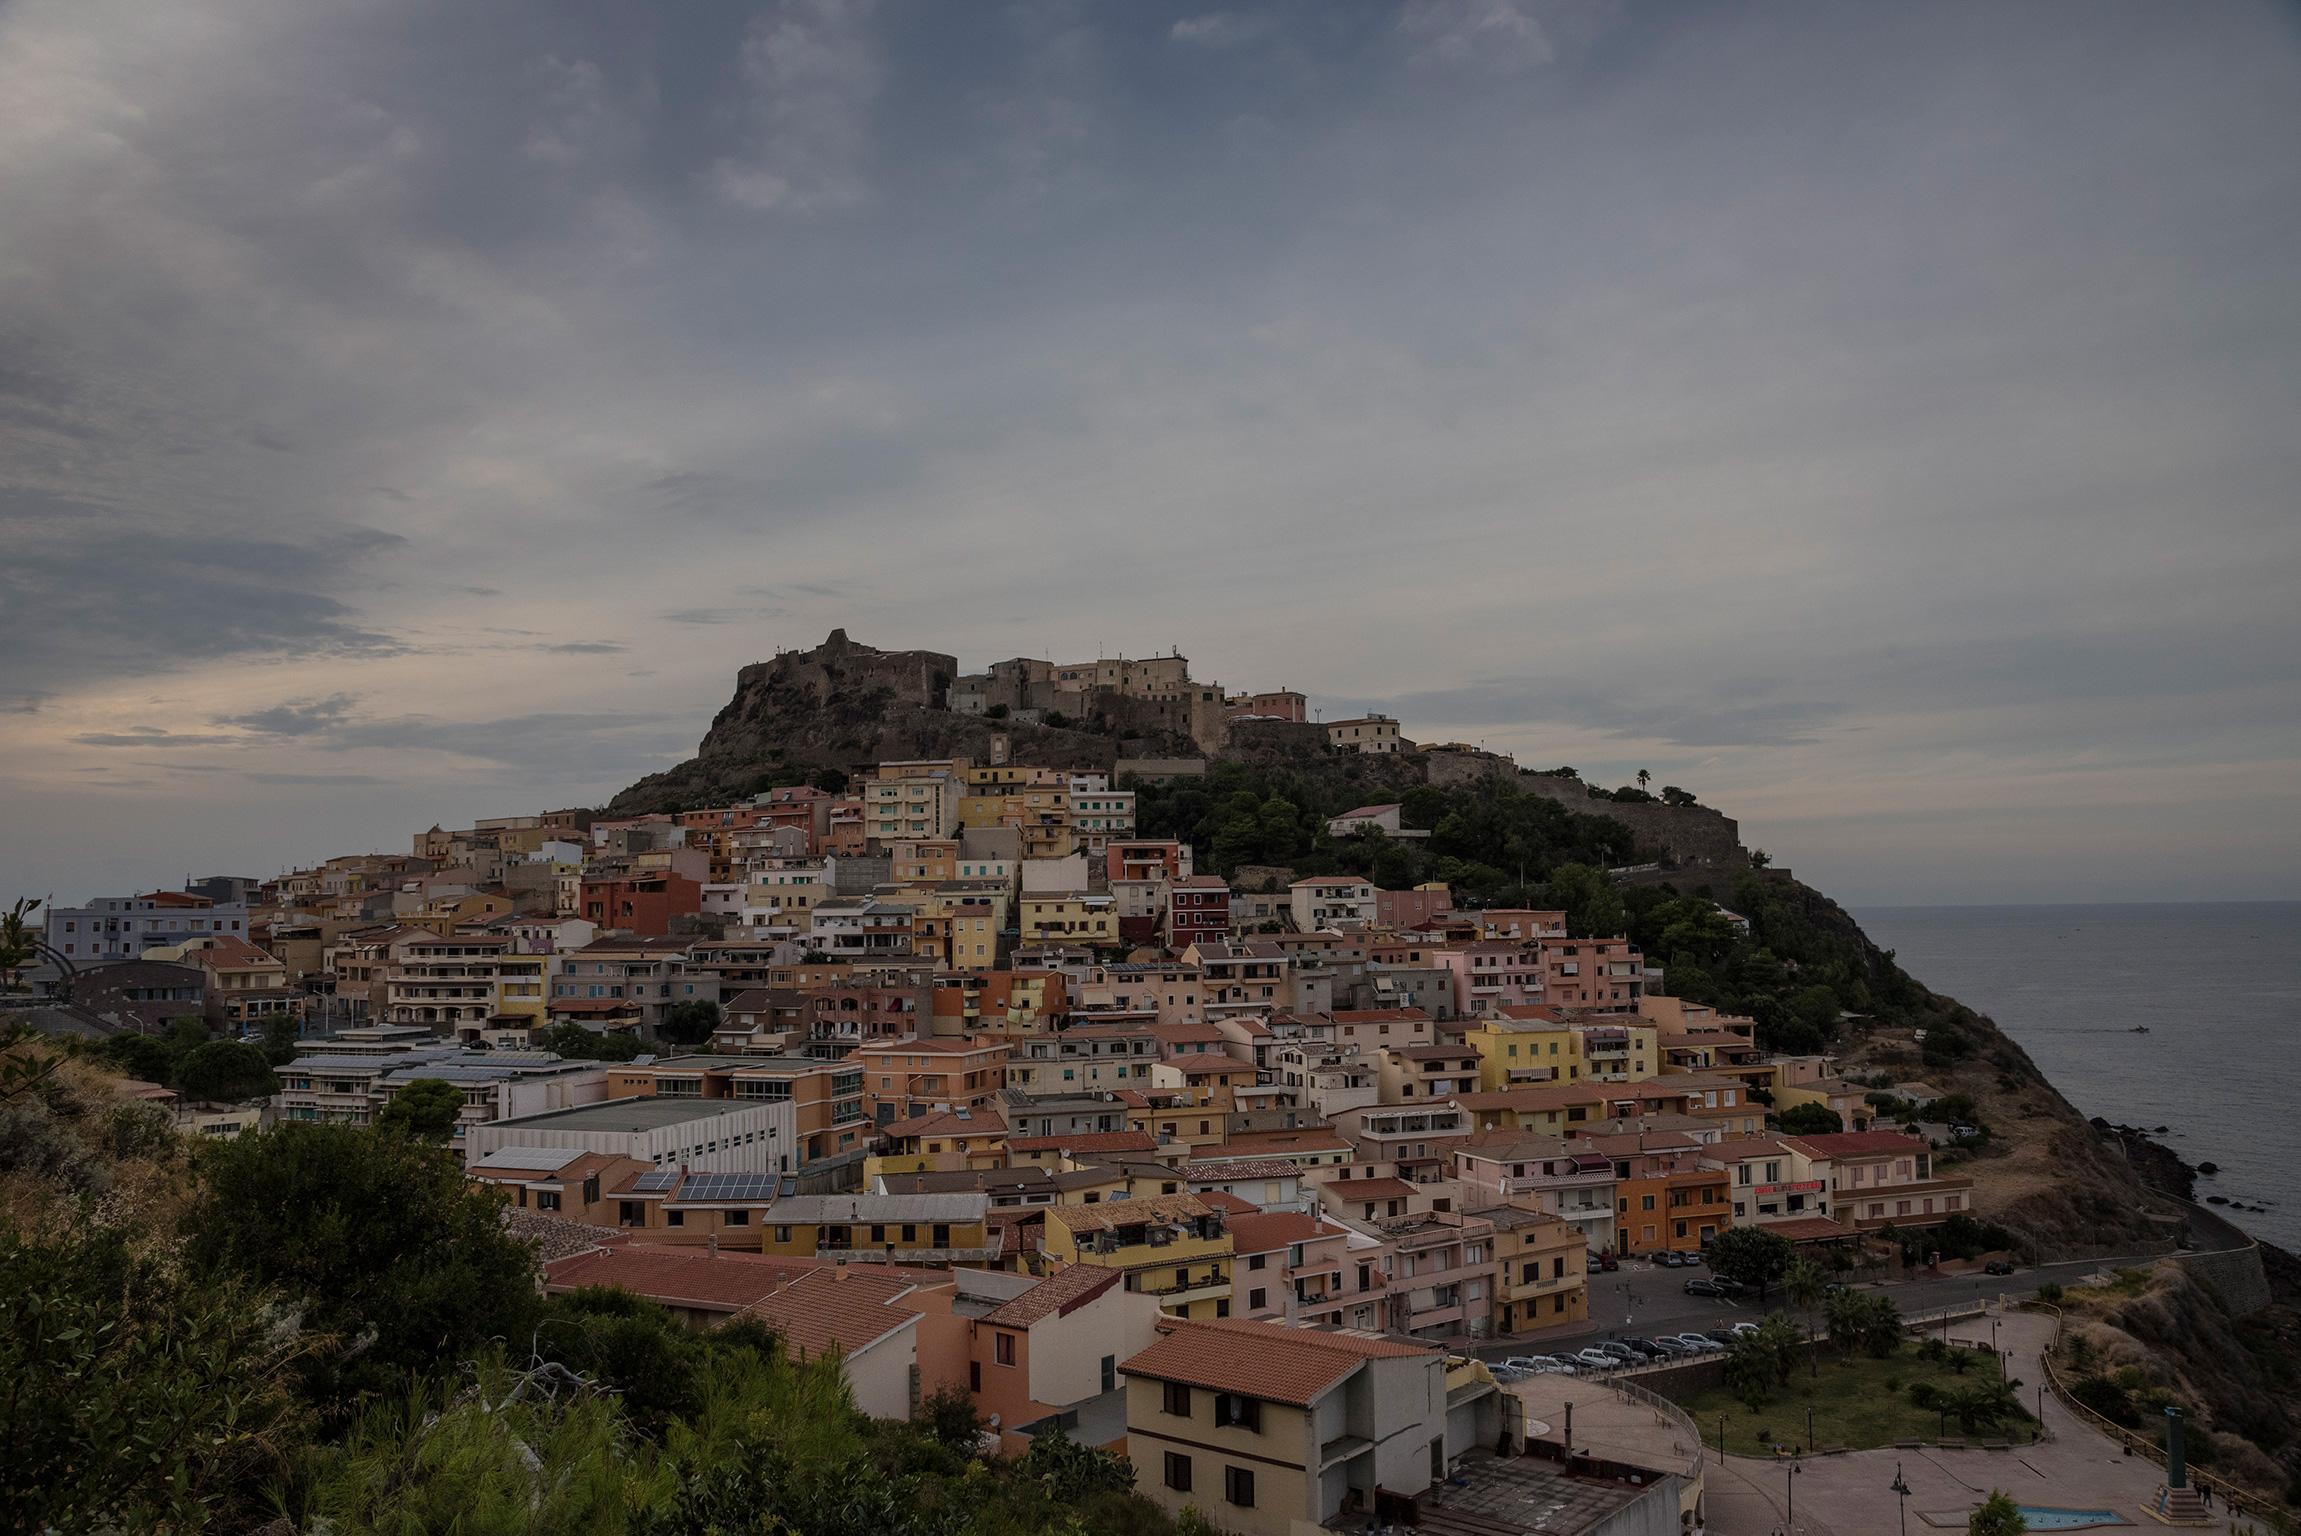 Castelsardo, uno dei borghi più belli d'Italia - Sardegna del Nord